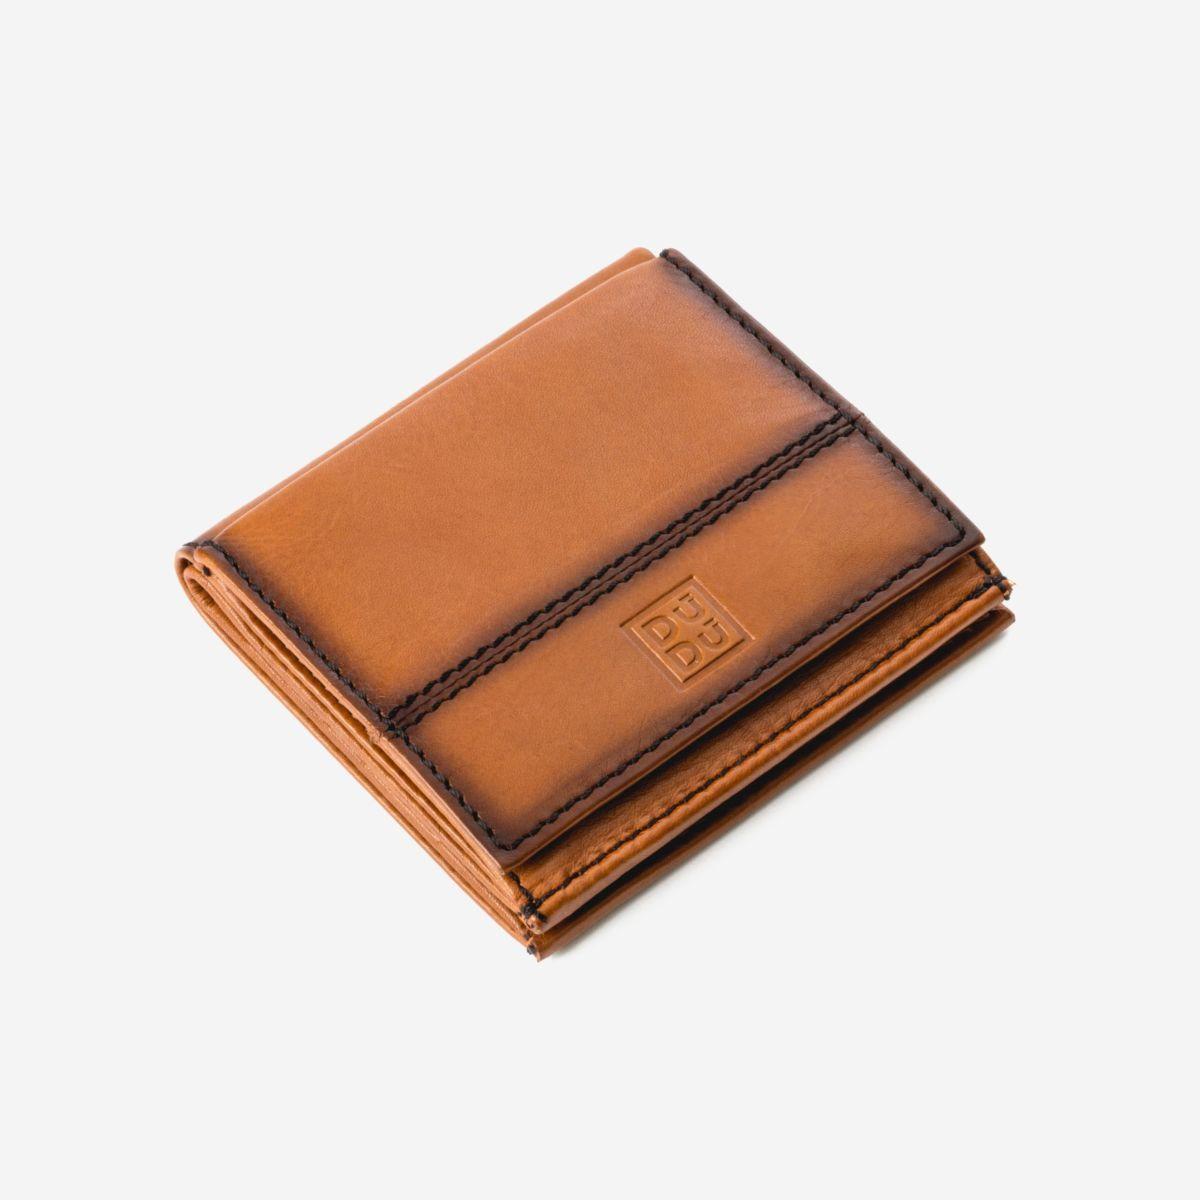 DuDu Small Unique Wallet  - Light Brown